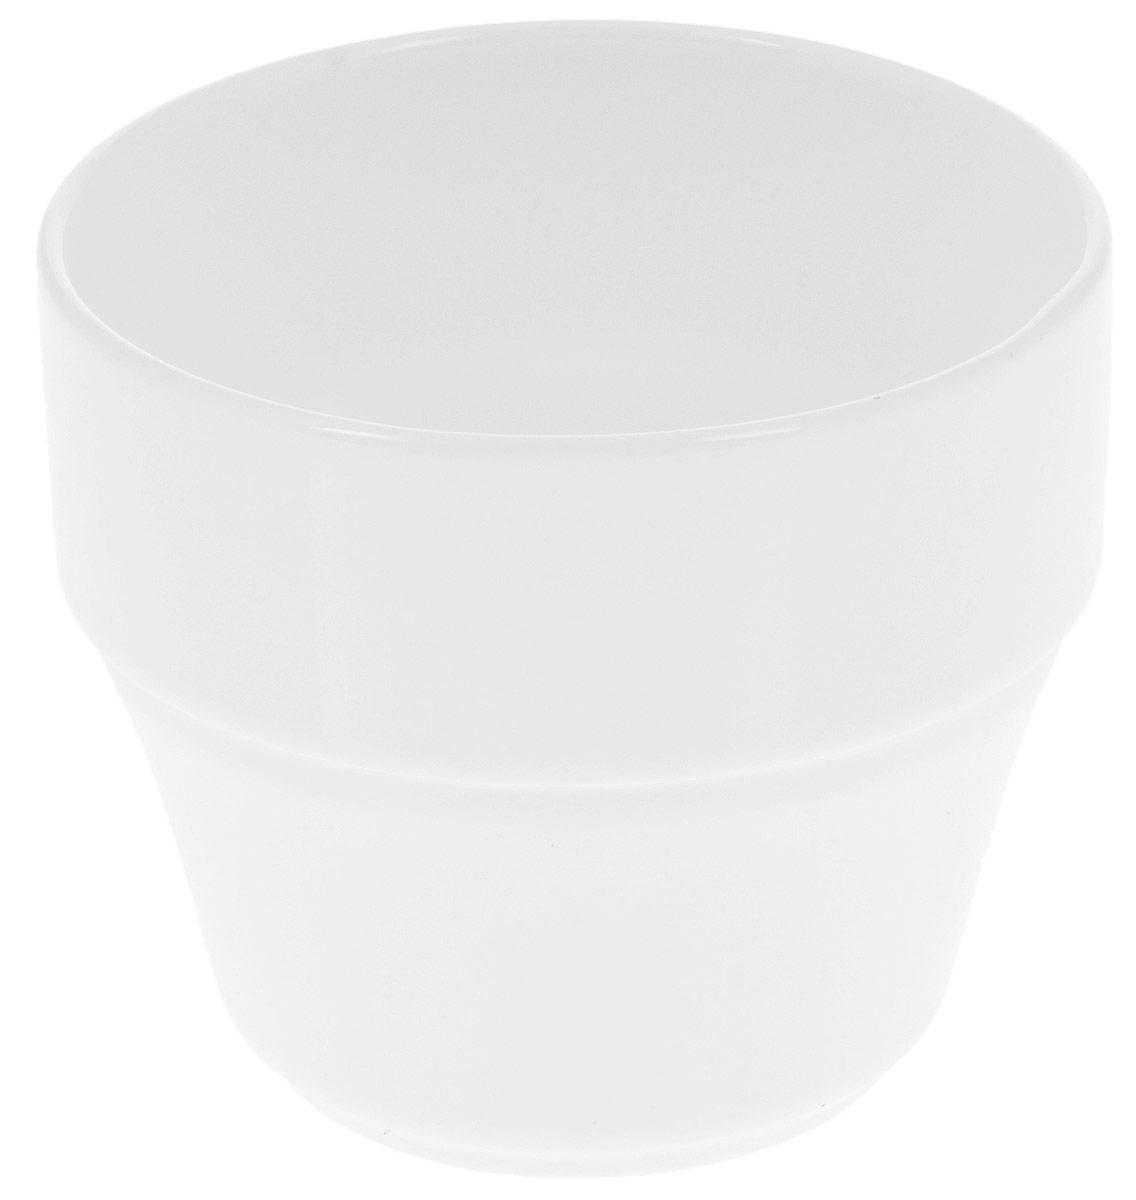 Кружка Wilmax, штабелируемая, 220 мл. WL-993043 / A115510Кружка Wilmax изготовлена из высококачественного фарфора, покрытого глазурью. Материал легкий, тонкий, свет без труда проникает сквозь изделие. Посуда имеет роскошную белизну, гладкость и блеск достигаются за счет особой рецептуры глазури. Изделие обладает низкой водопоглощаемостью, высокой термостойкостью и ударопрочностью, а также экологичностью. Посуда долговечна и рассчитана на постоянное интенсивное использование. Гладкая непористая поверхность исключает проникновение бактерий, изделие не будет впитывать посторонние запахи и сохранит первоначальный цвет. Кружка штабелируемая, то есть несколько кружек легко вставляются друг в друга, что экономит место при хранении. Такая кружка пригодится в любом хозяйстве, она функциональная, практичная и легкая в уходе. Можно мыть в посудомоечной машине и использовать в микроволновой печи. Диаметр (по верхнему краю): 7,5 см. Высота стенки: 7 см.